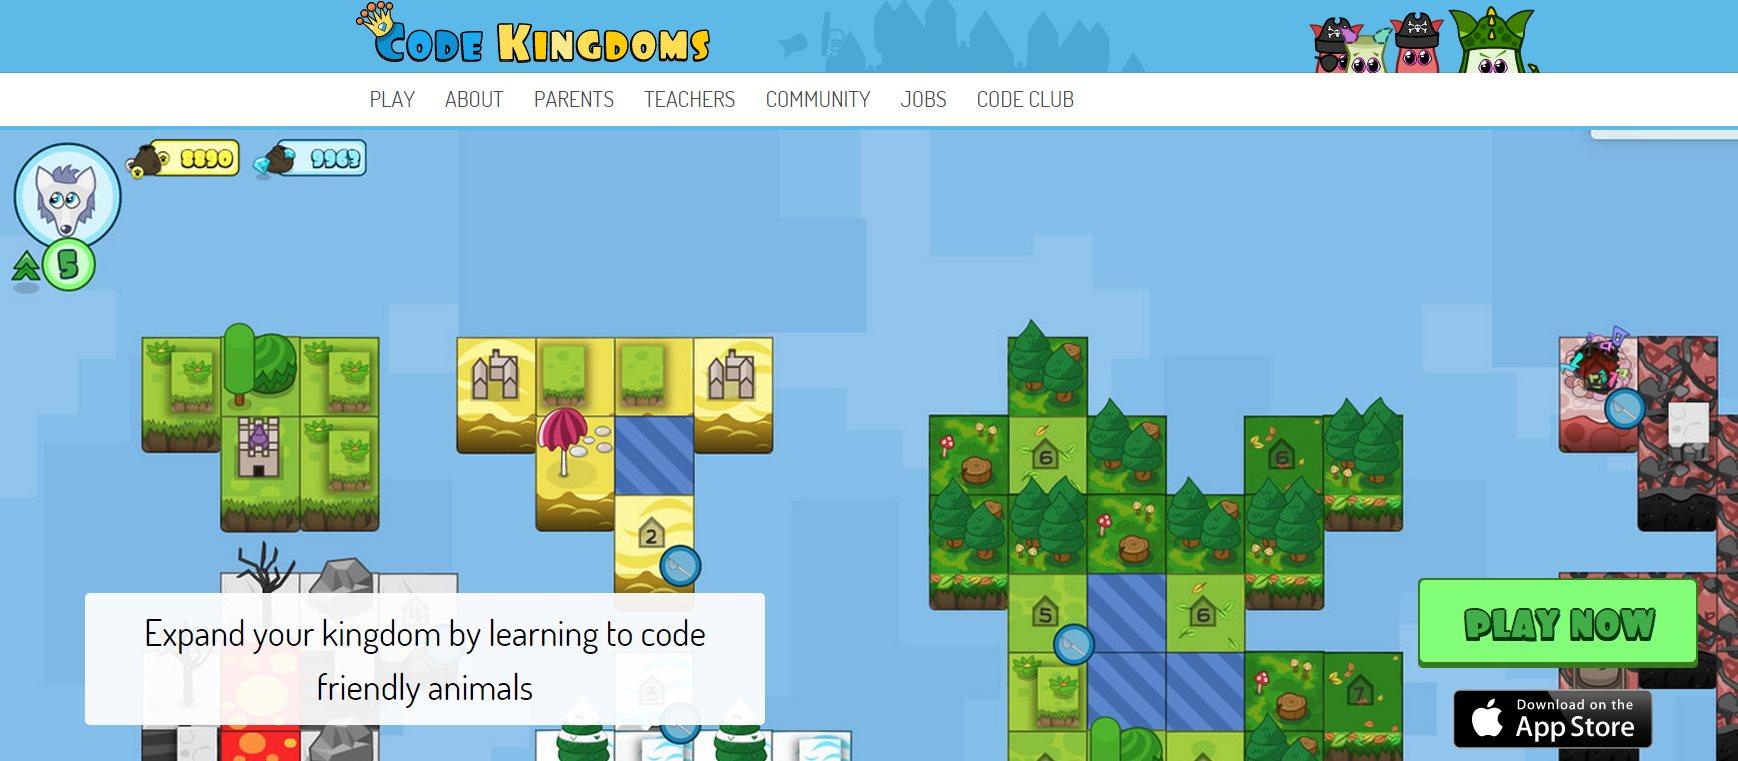 Code Kingdoms, una web y app para que los niños aprendan a programar jugando